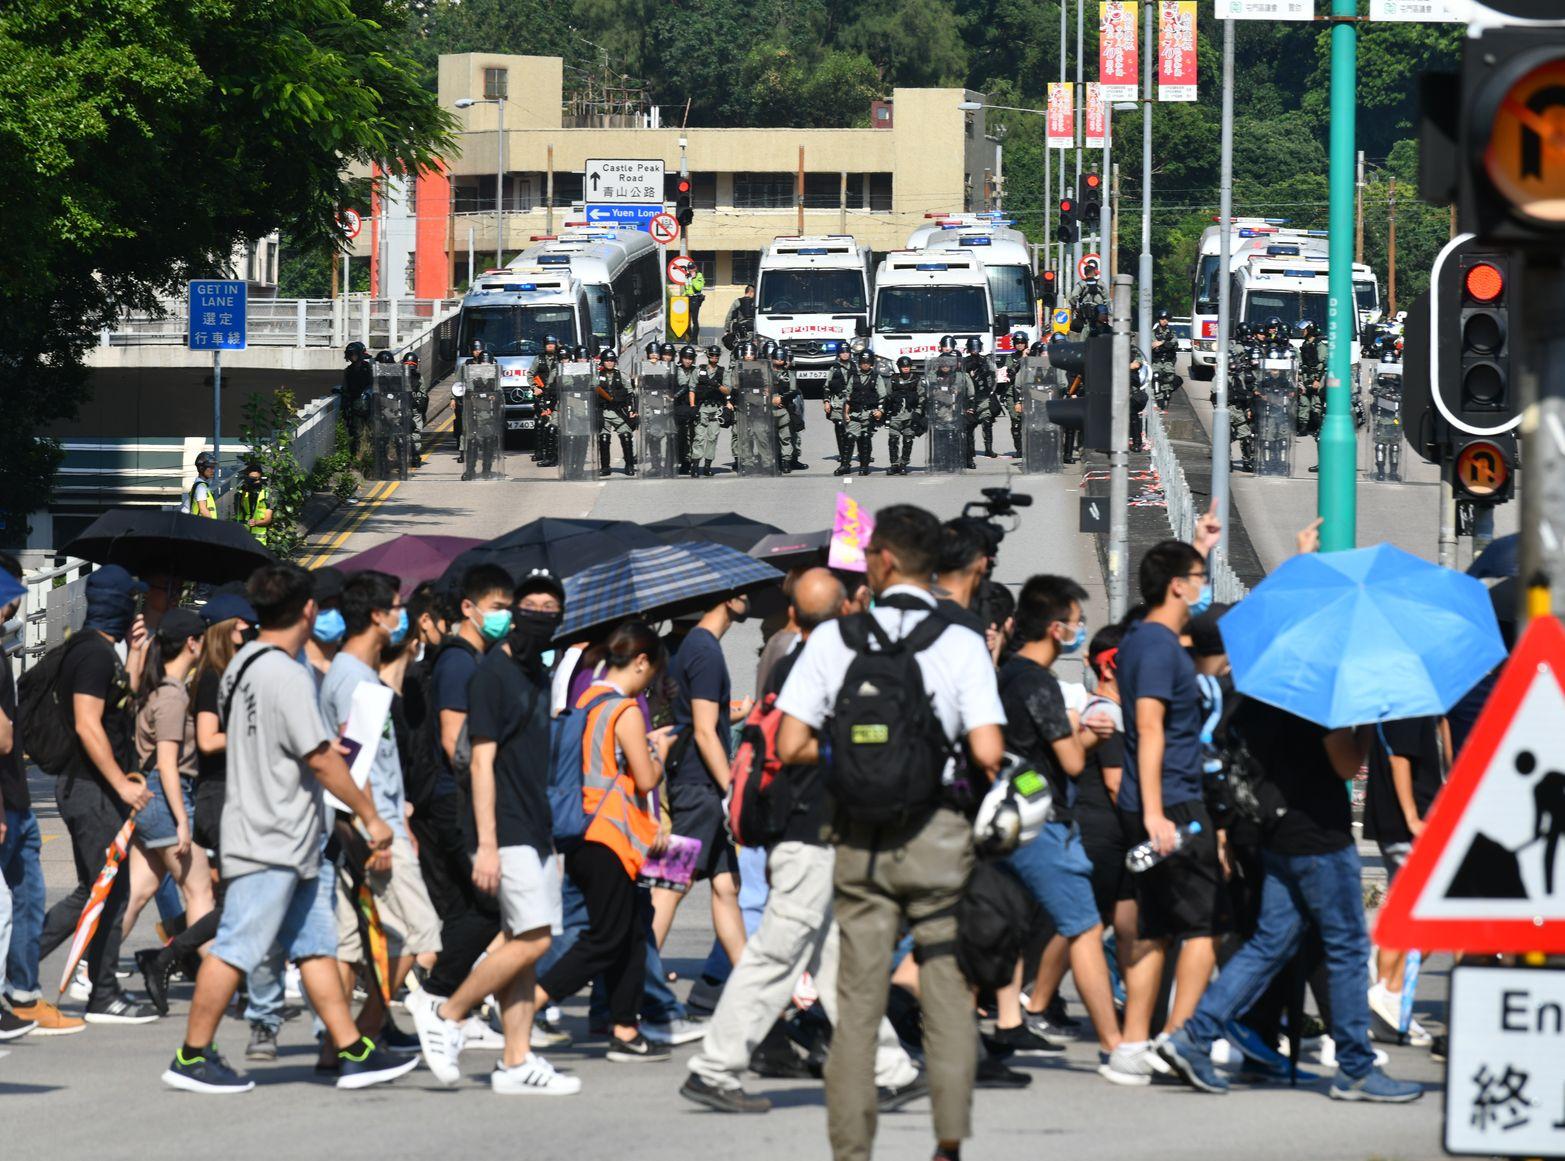 屯門921「光復屯門公園」遊行演變成示威衝突。資料圖片